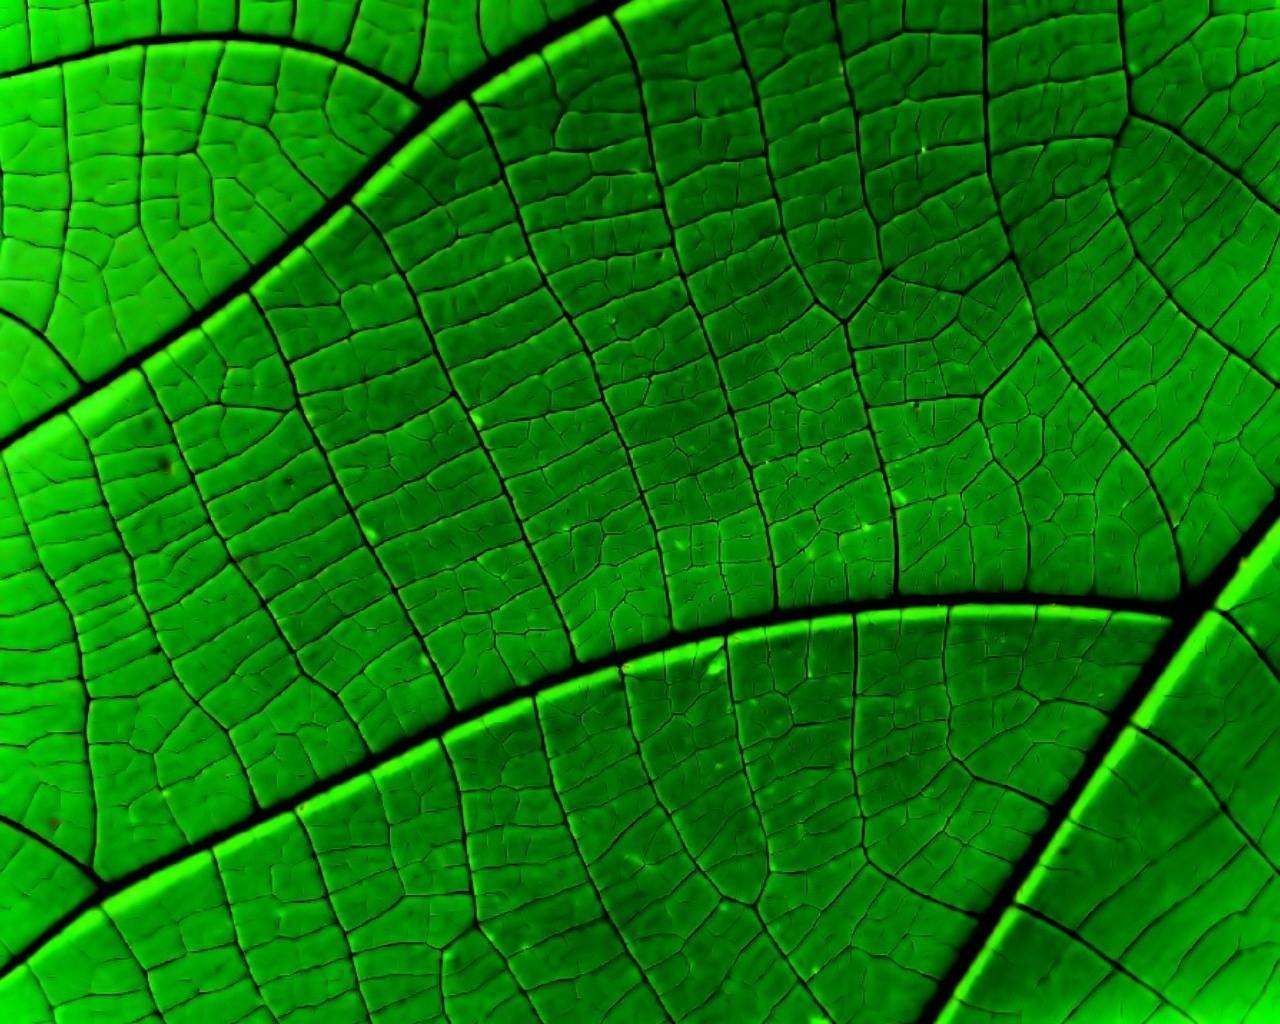 Fondos de pantalla : agua, césped, simetría, verde, patrón, textura ...